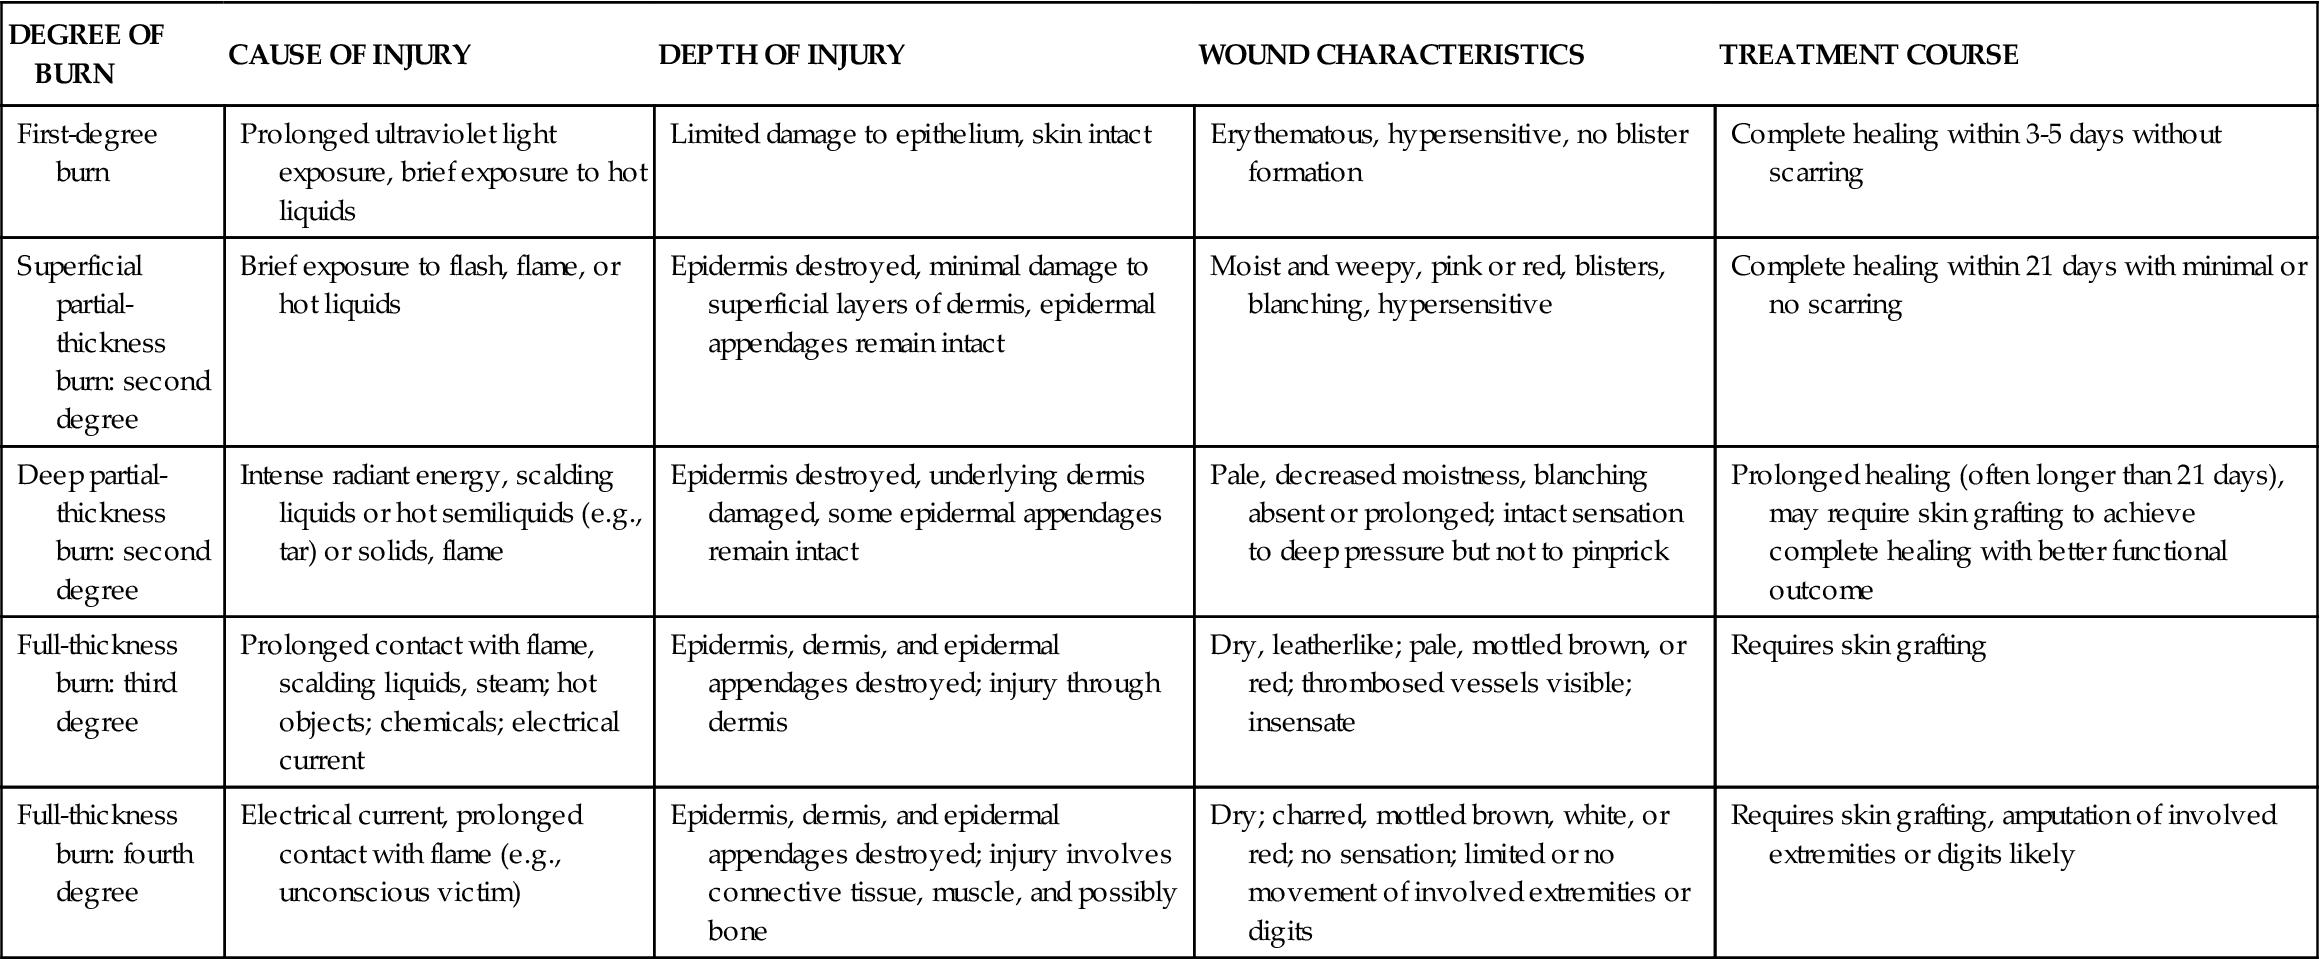 burn injuries basicmedical key image